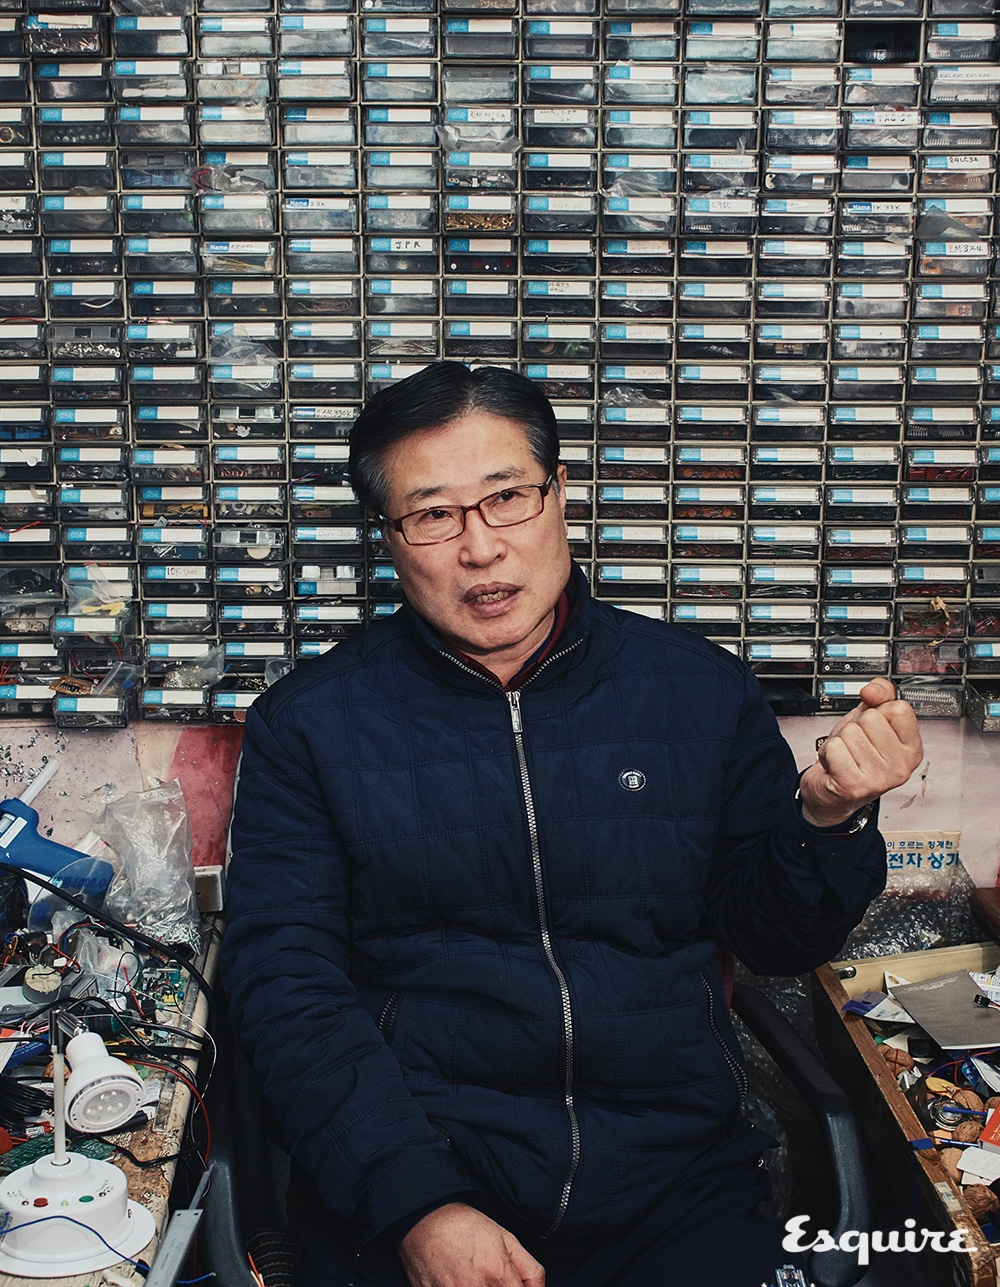 전자, 전기 제품을 수리하고 발명하는 차전자의 차광수 장인.